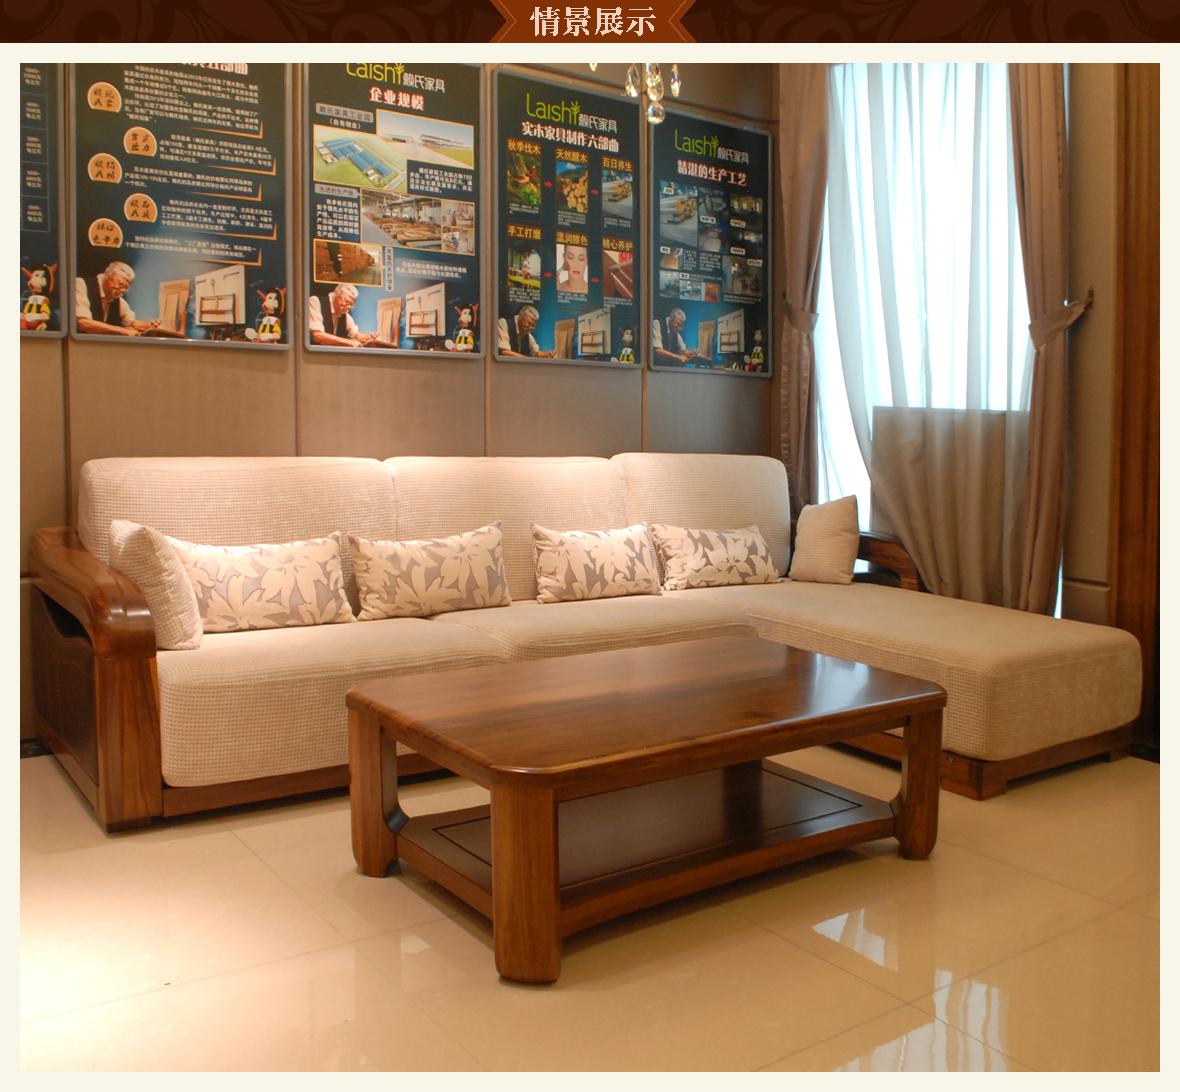 赖氏家具 乌金木沙发整套wjj10型号 纯实木 现代简约